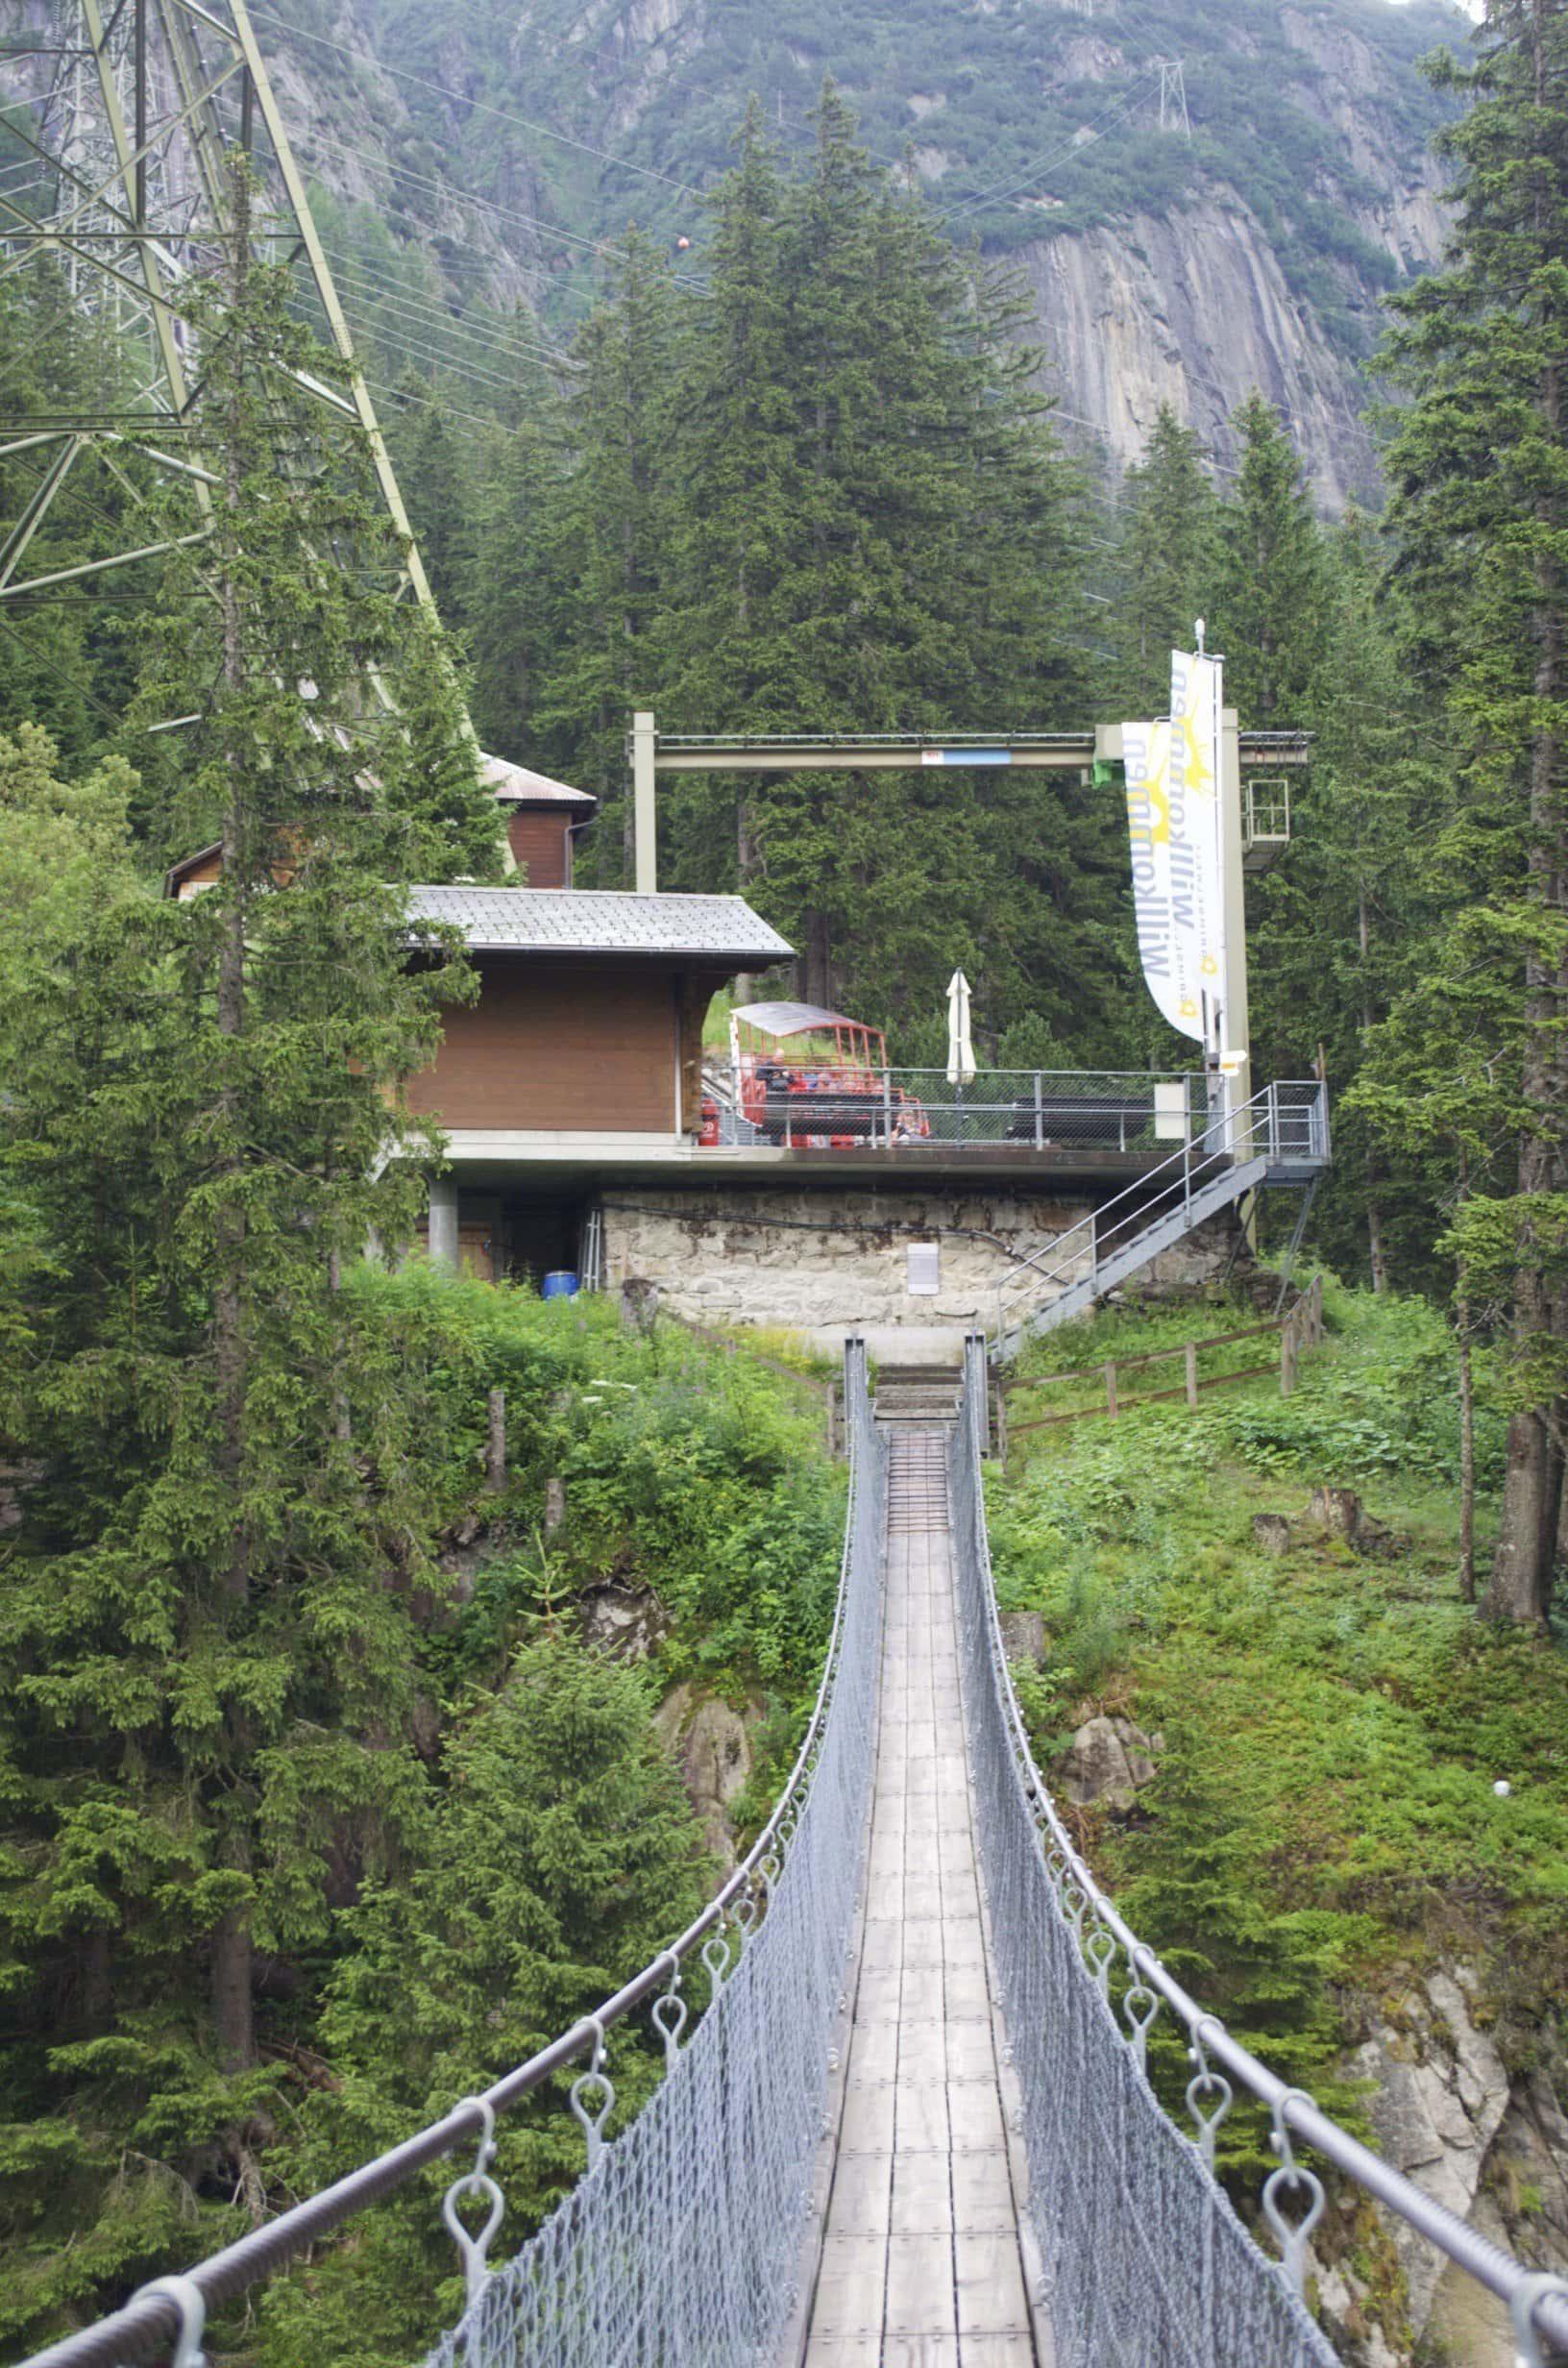 Talstation der Gelmerbahn von der anderen Seite der Handeckfallbrücke